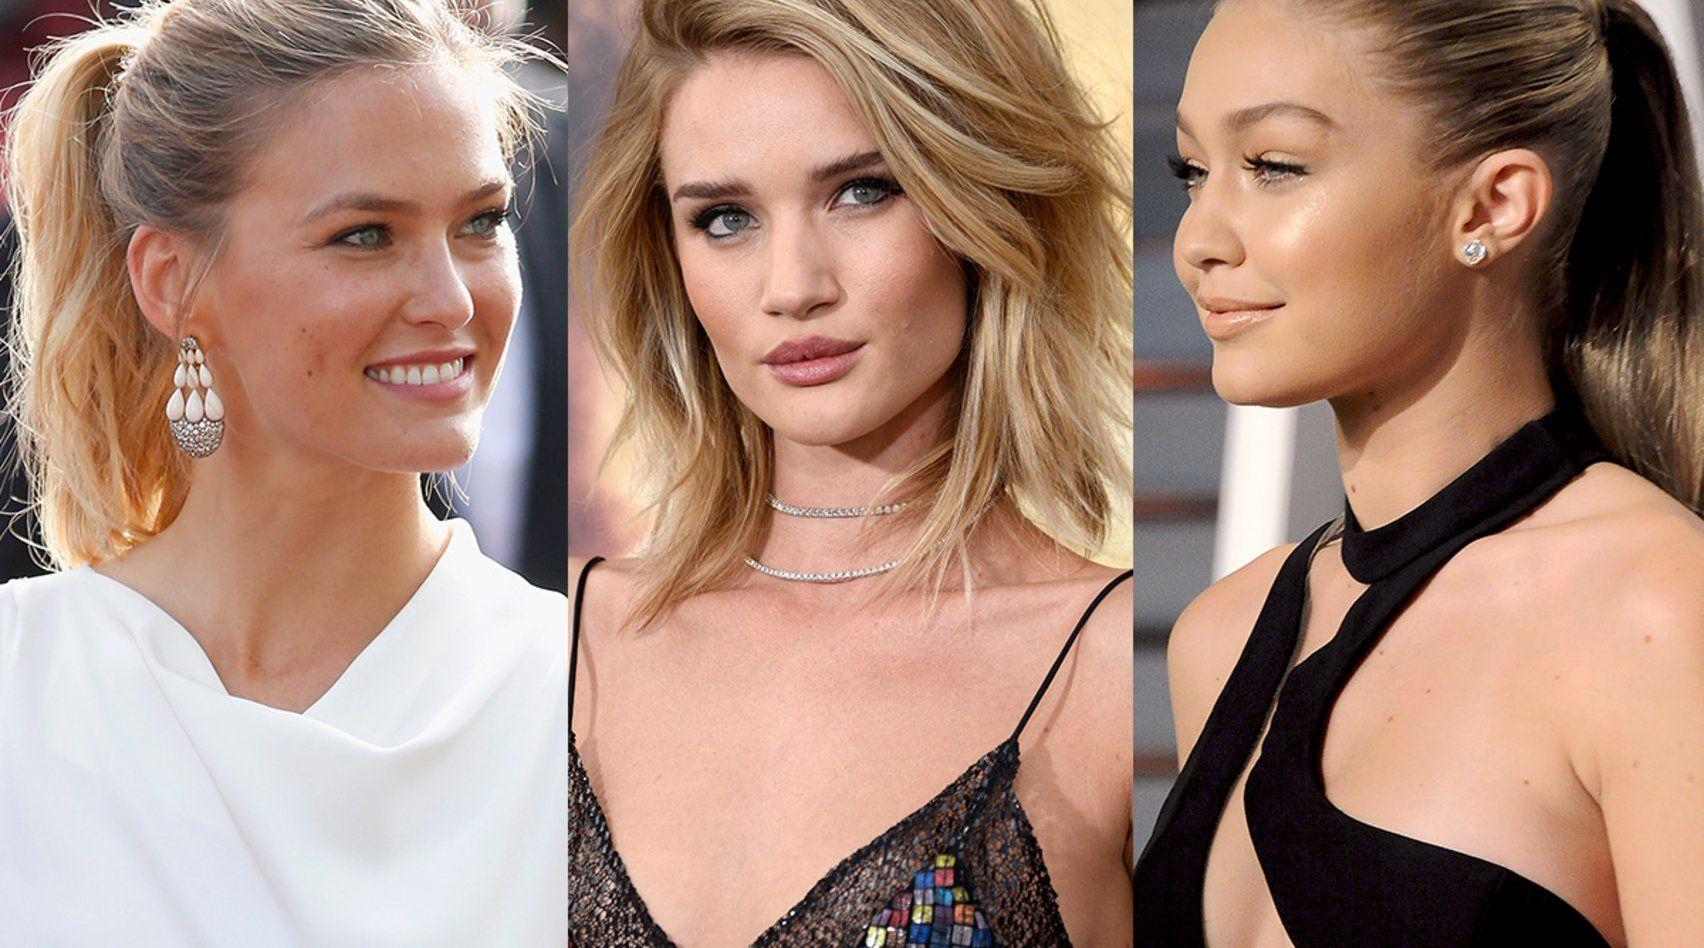 11 Frisuren, auf die Männer bei Frauen stehen | Frisuren